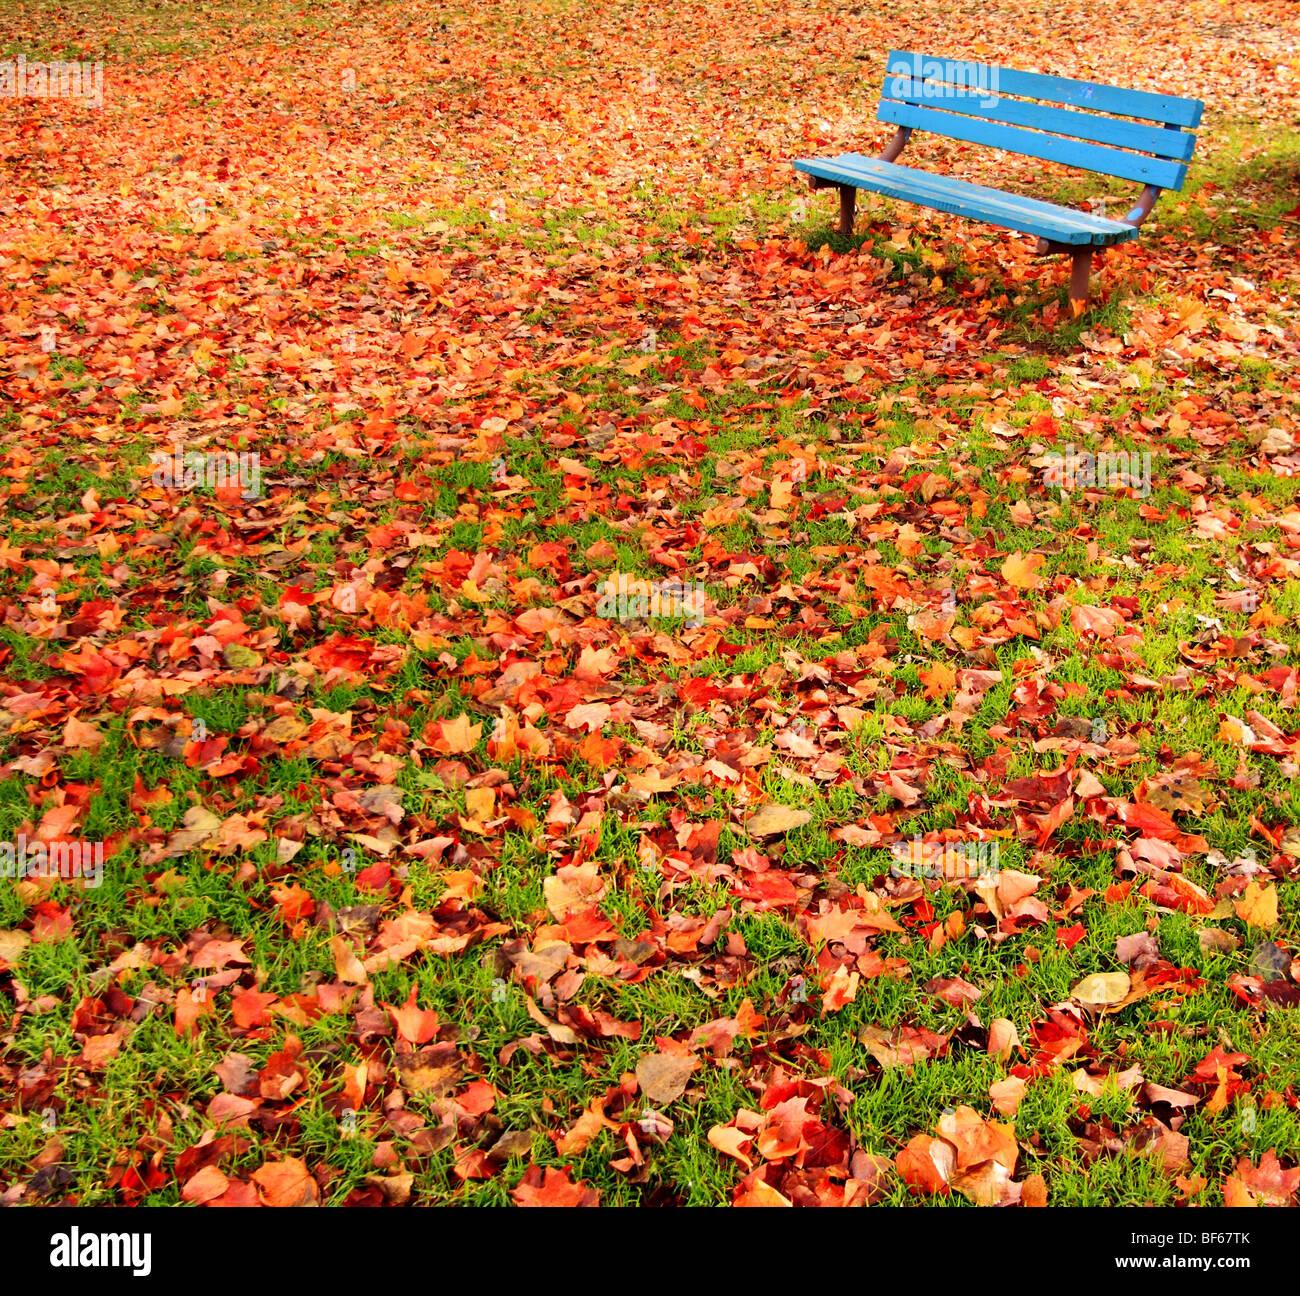 Une famille, bleu banc dans un parc entouré de feuilles en automne. Photo Stock